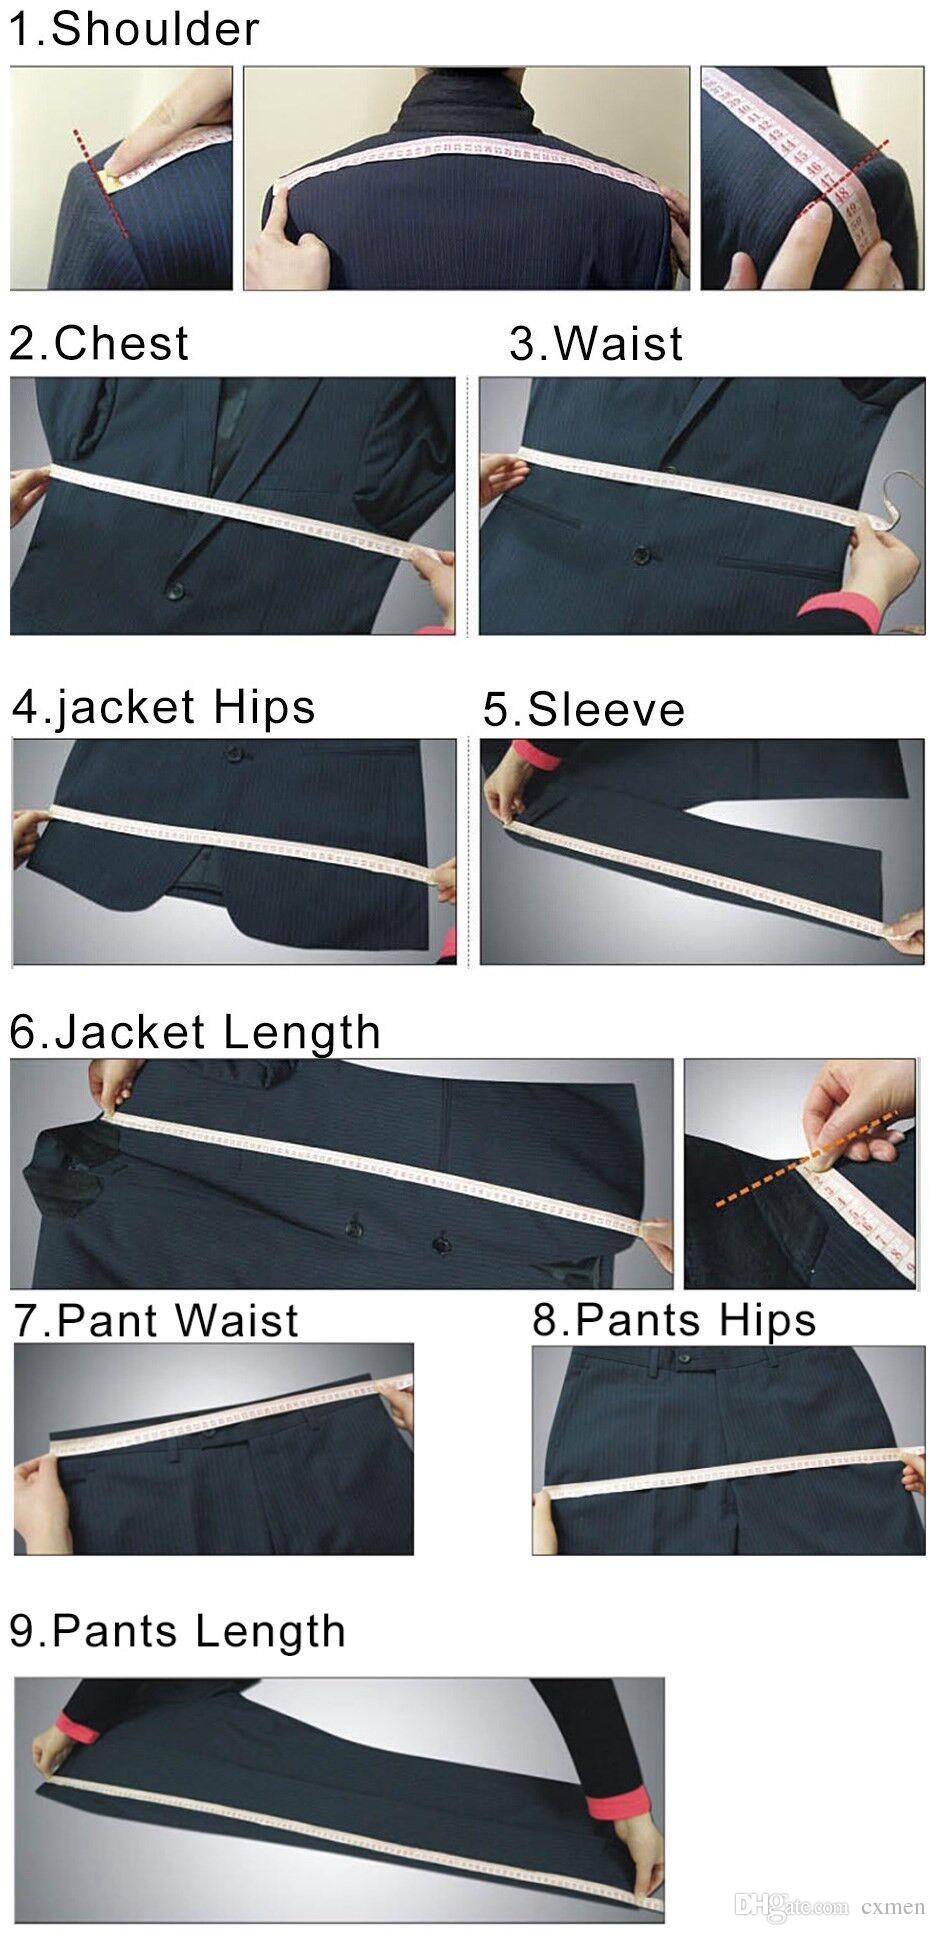 Trajes de hombre negro boda por encargo Formal de dos botones Traje de hombre novio esmoquin novio Slim Fit hombres traje de chaqueta 2 piezas chaqueta + pantalones